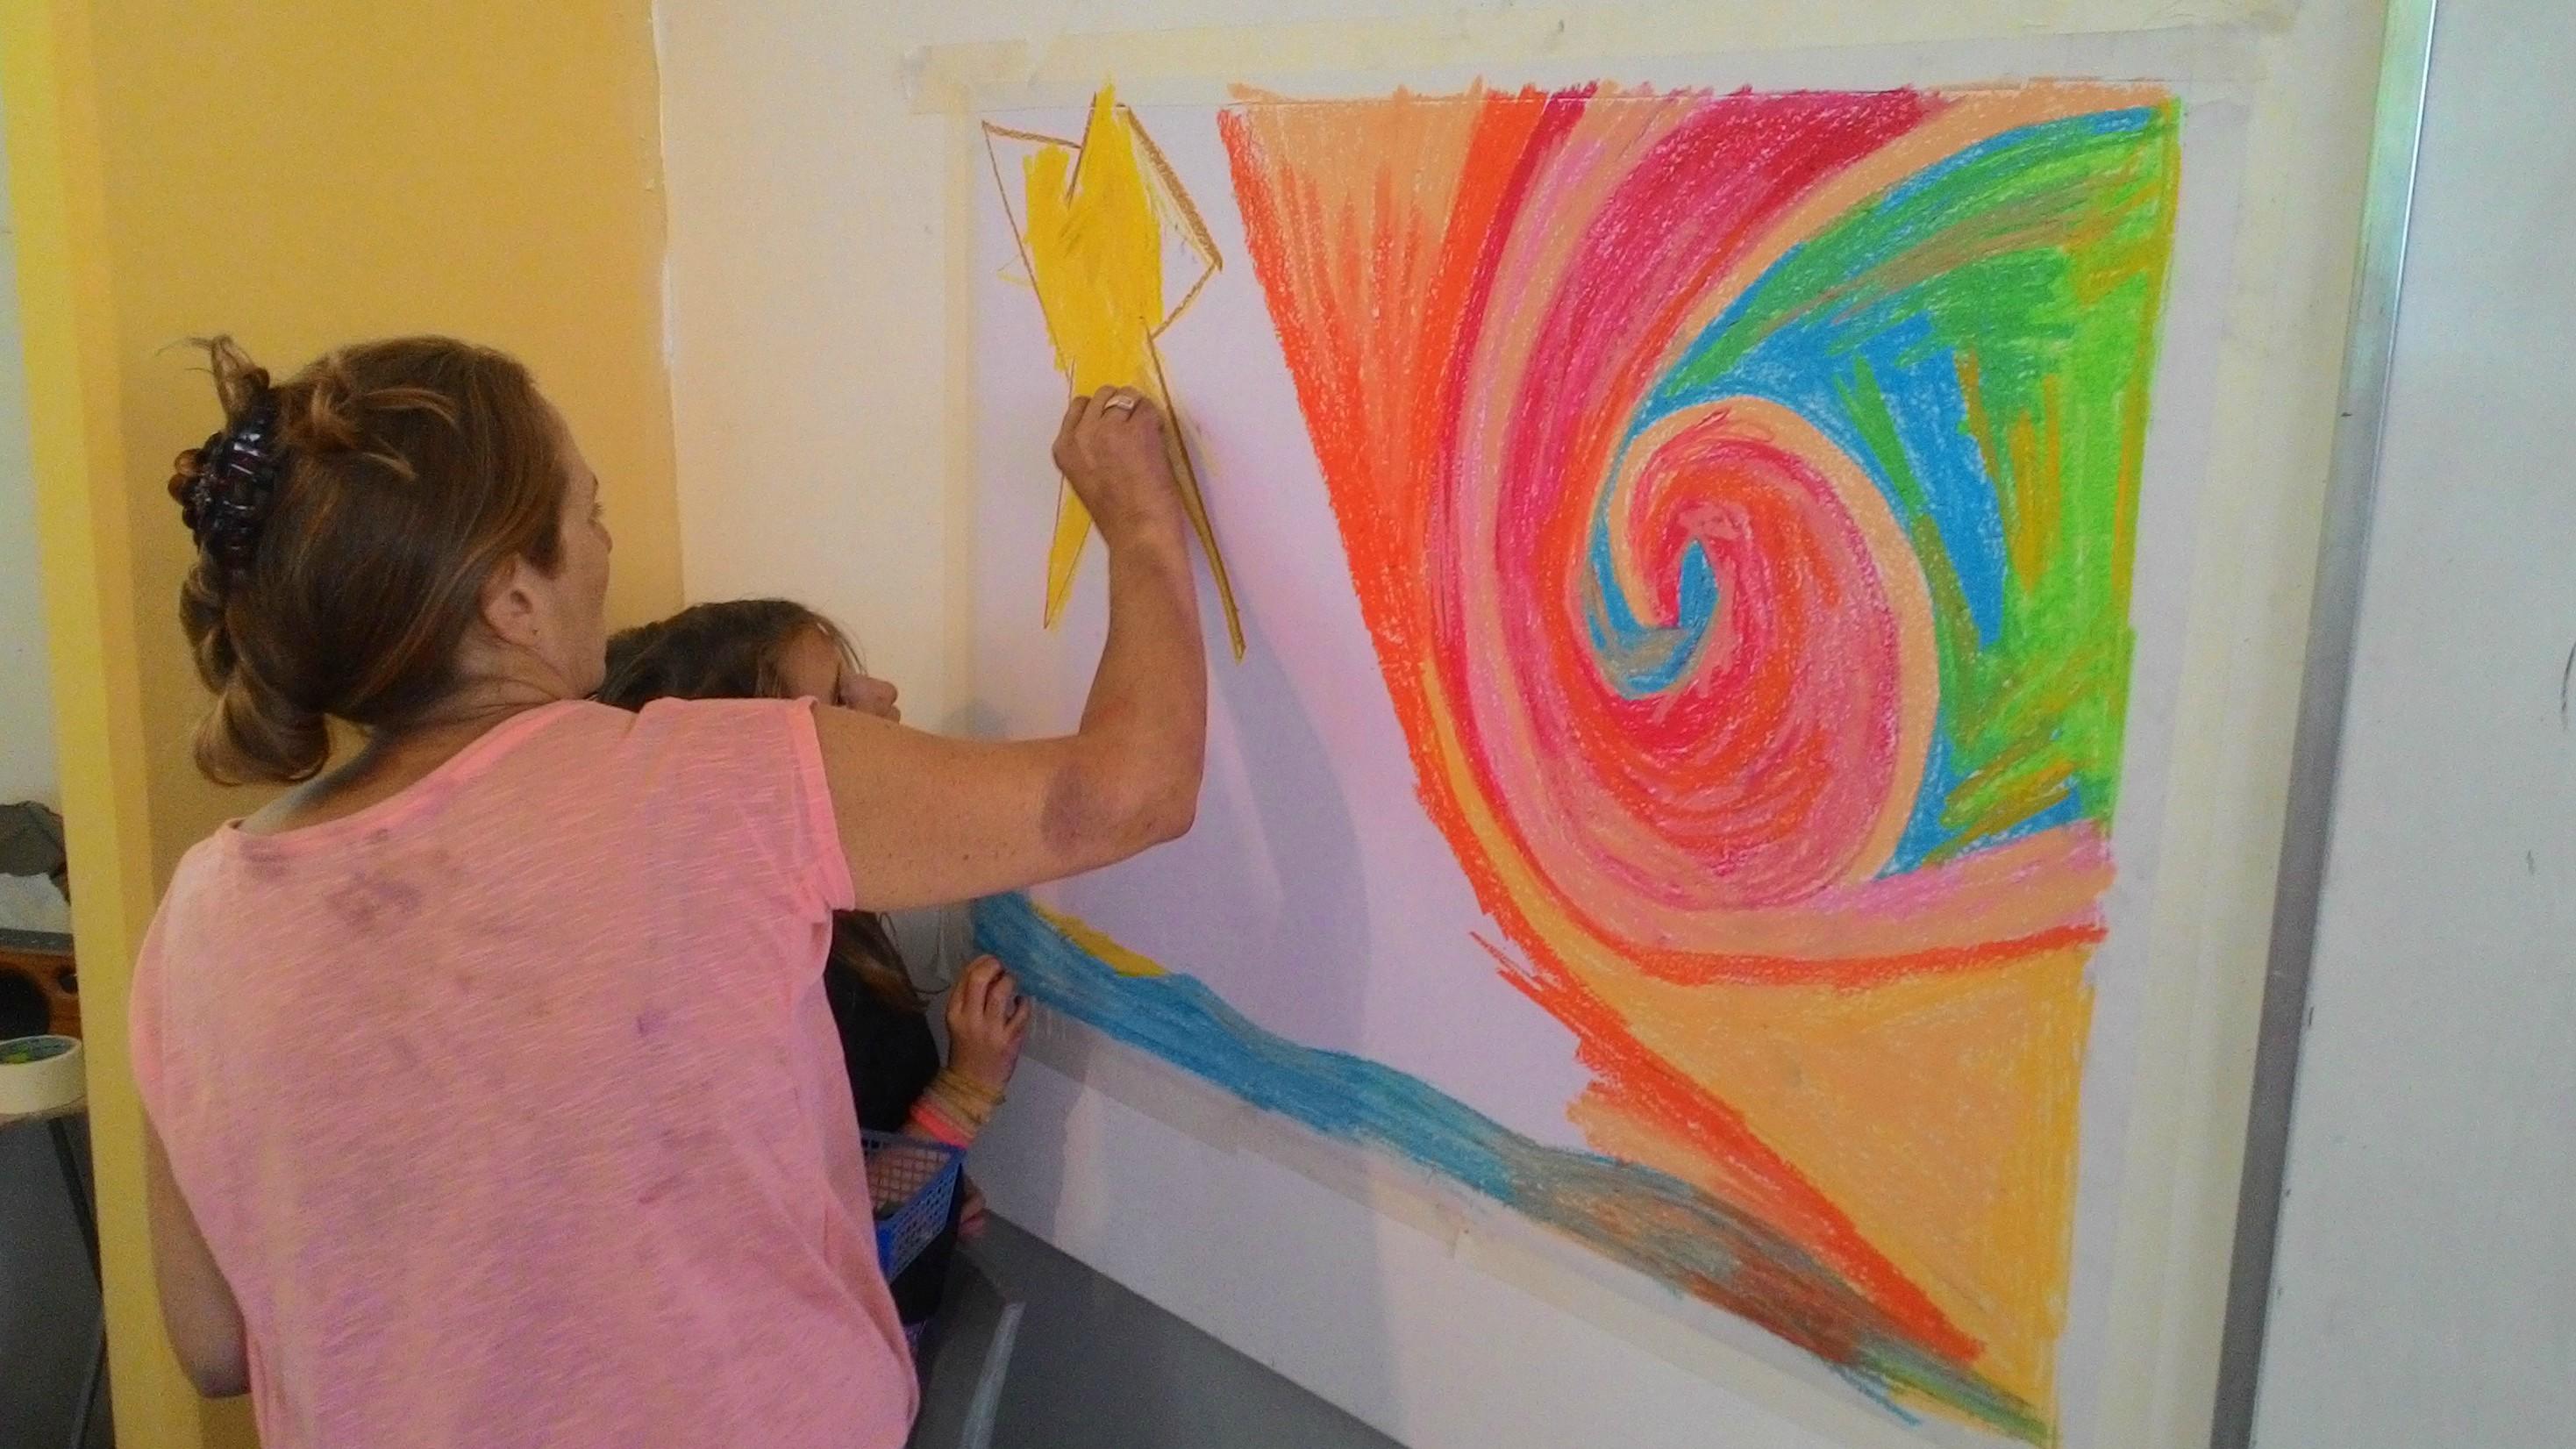 אמא ובת מציירות בצבעי םנדה על הקיר